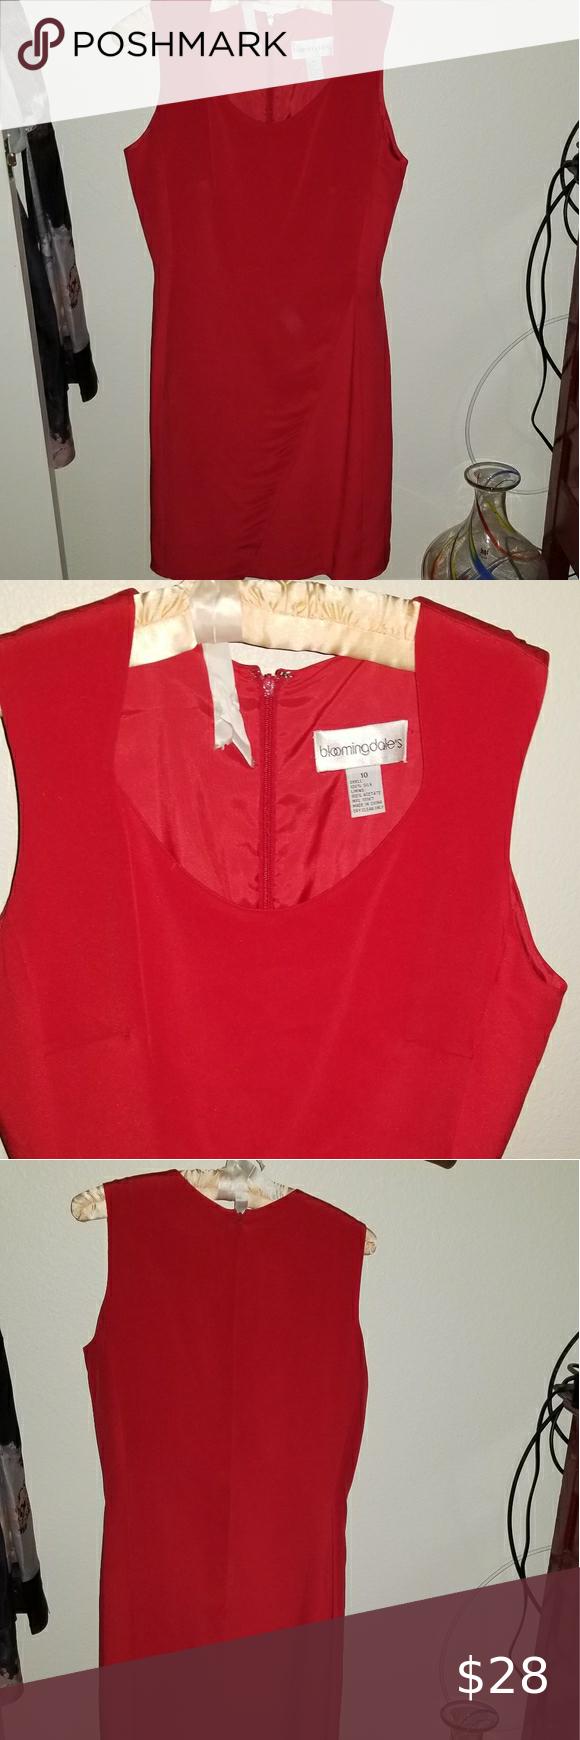 Vintage Bloomingdale S Red Dress Red Dress Bloomingdale Dresses Red Silk Dress [ 1740 x 580 Pixel ]